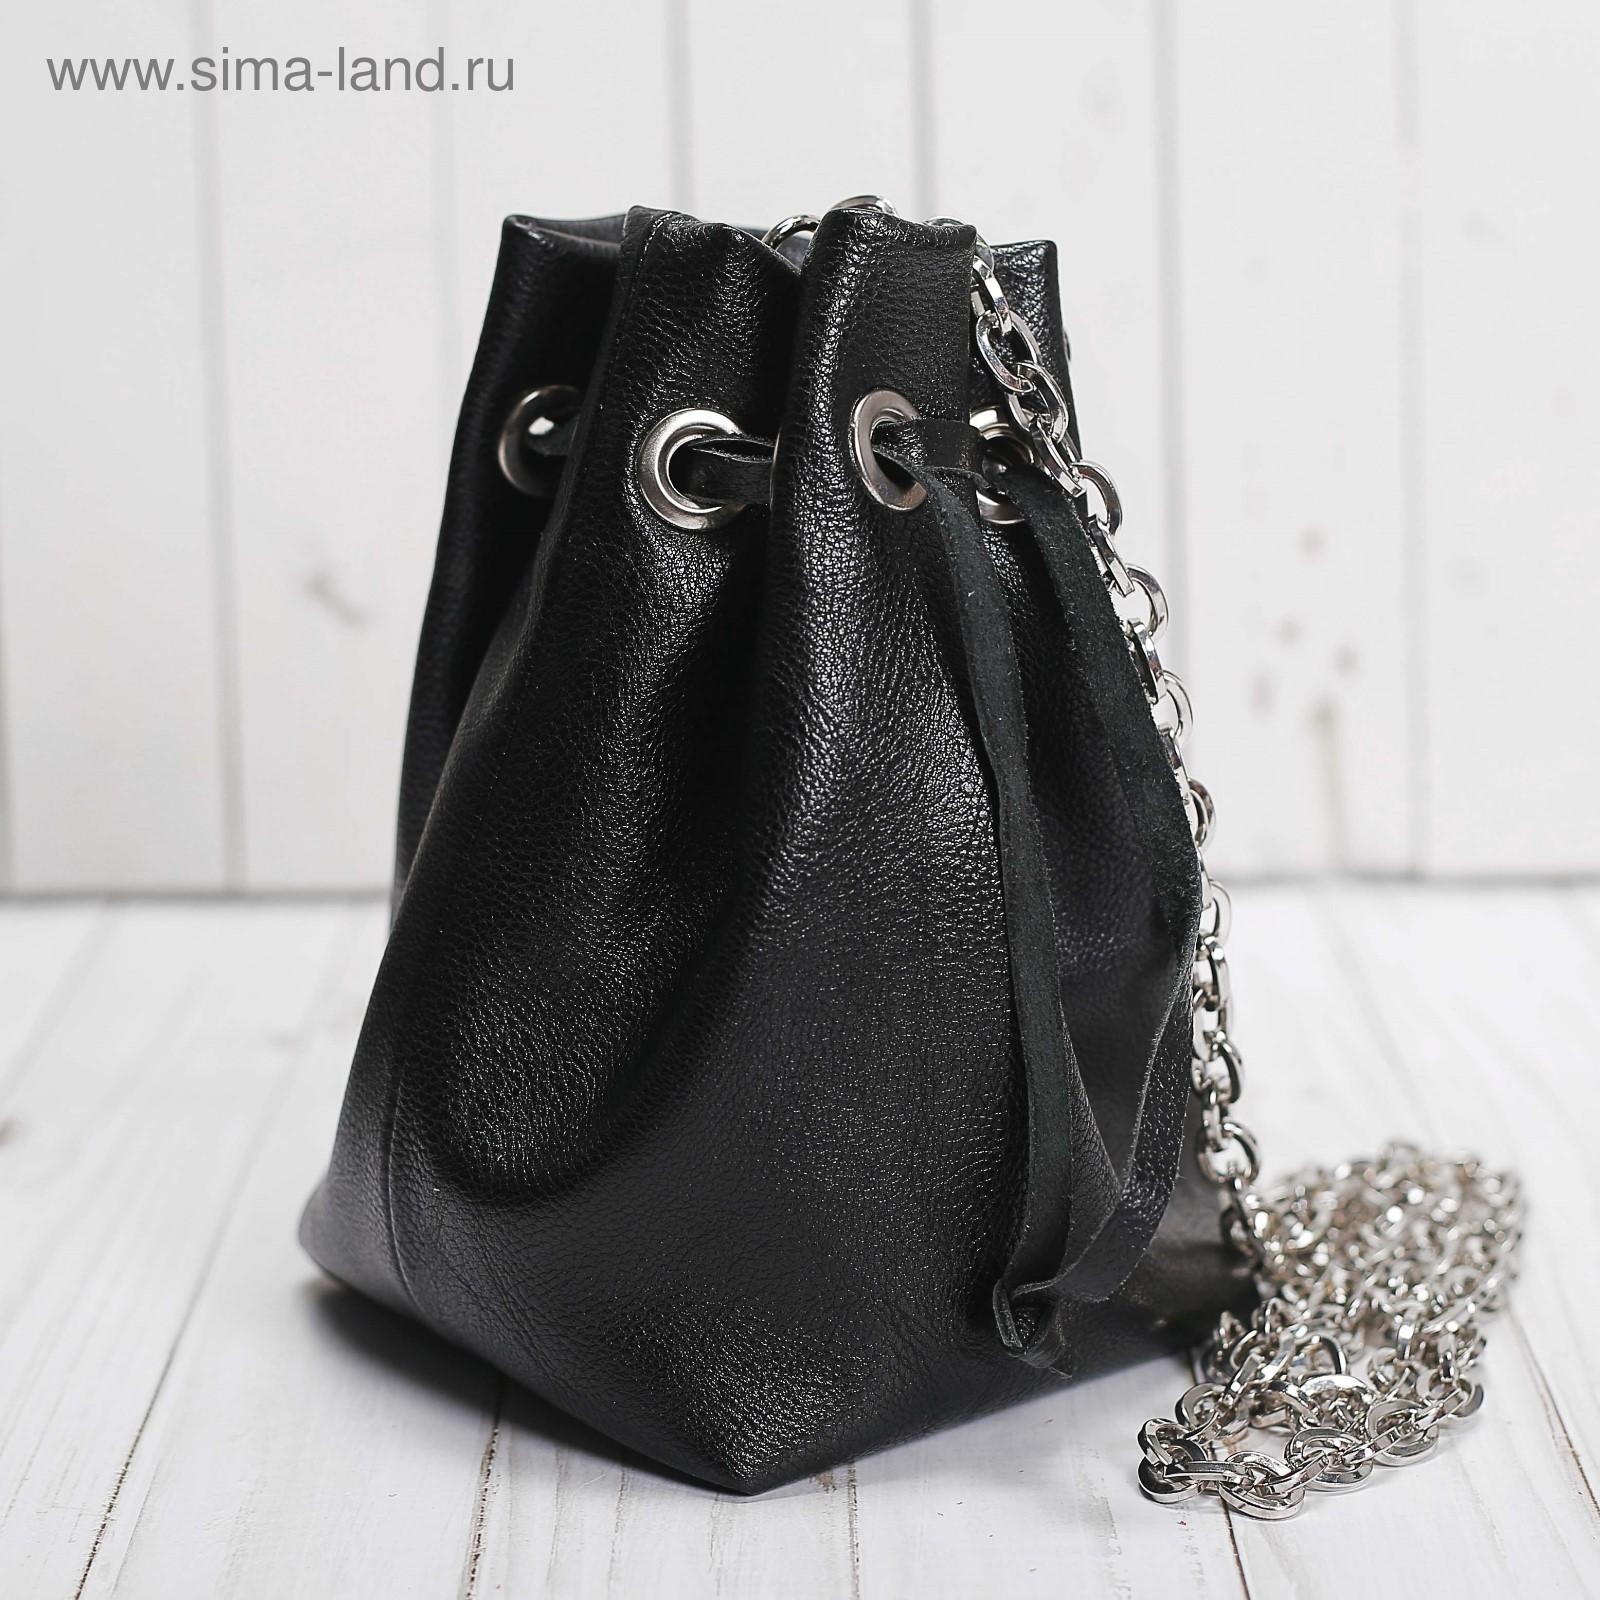 e865d8cbec1c Сумка-торба женская, 1 отдел, цепочка, цвет чёрный (2861996 ...